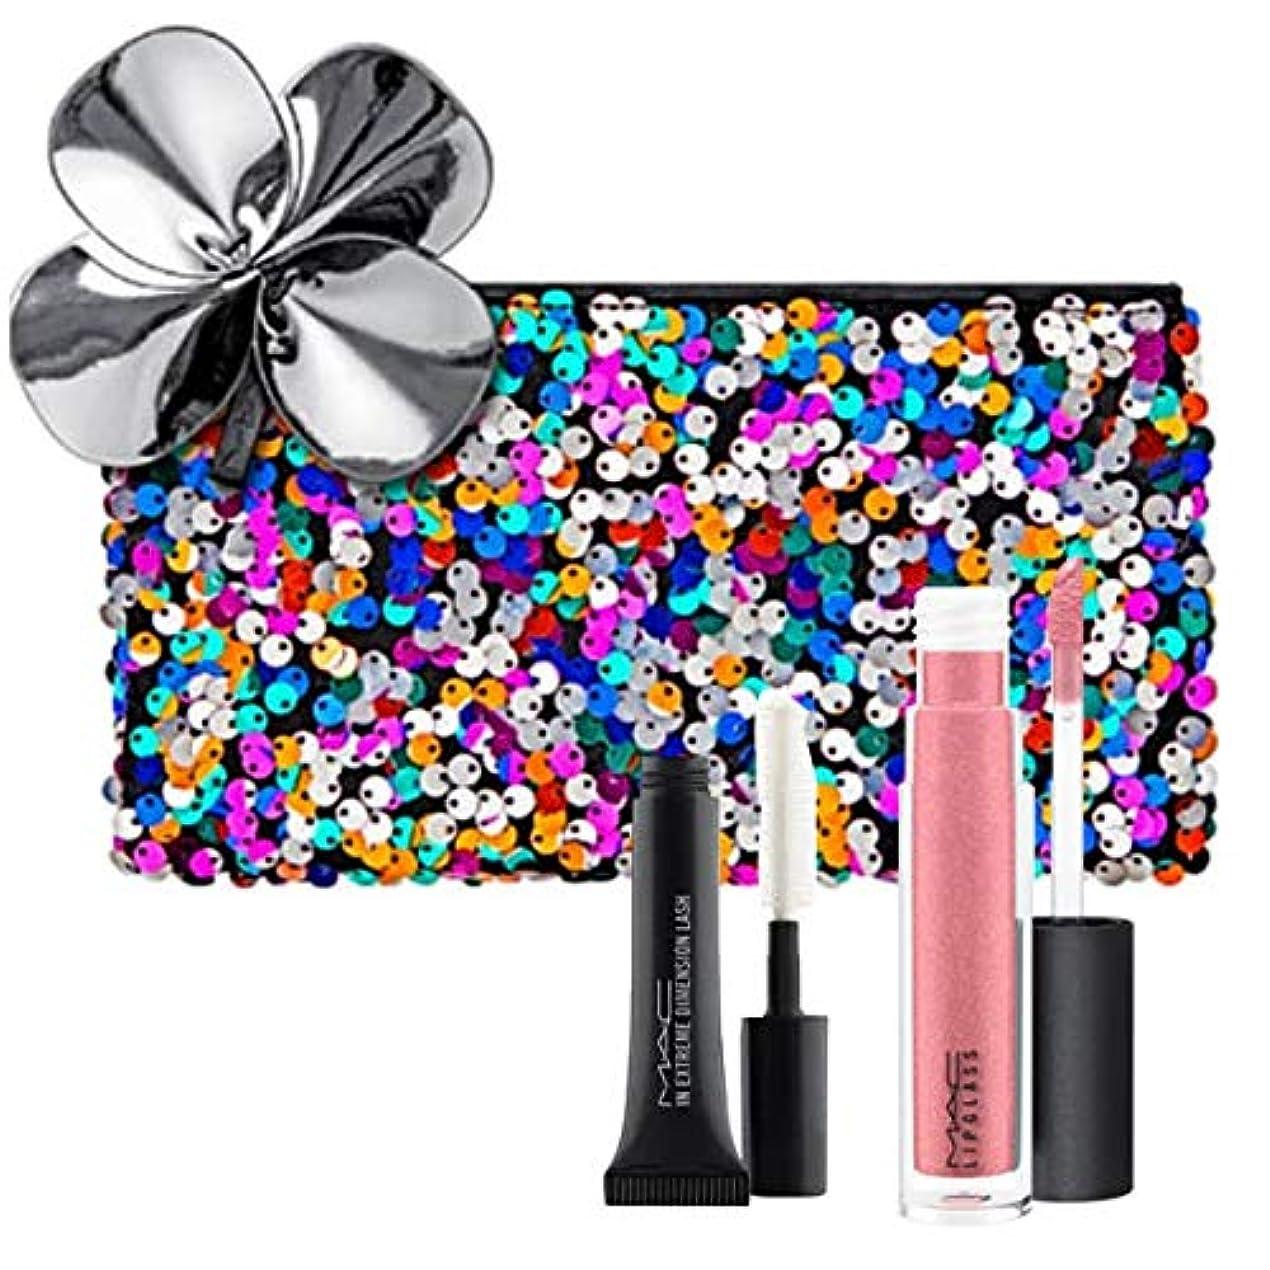 残酷な横に年金M.A.C ?マック, Sequin Cosmetics Case + 2 Cosmetics (Full Size Lipglass & Mascara Sample) [海外直送品] [並行輸入品]